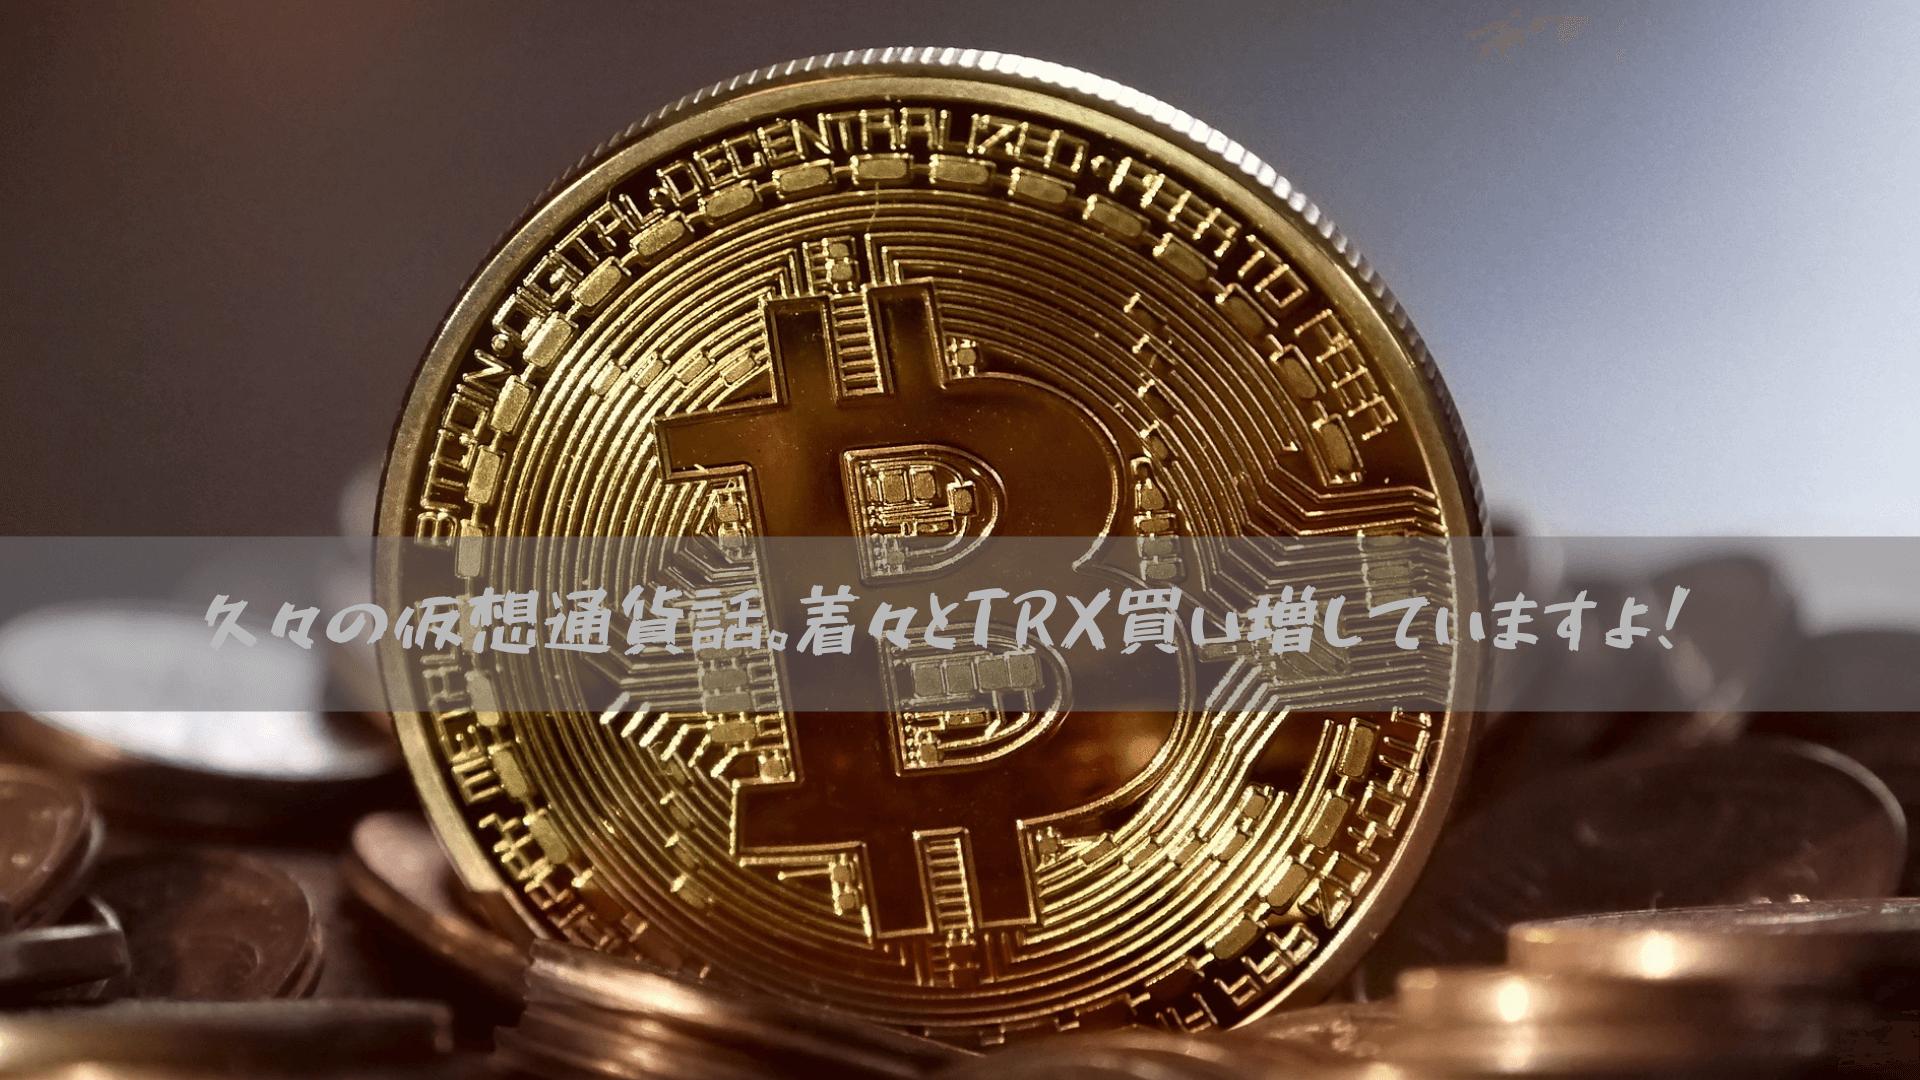 久々の仮想通貨話。着々とTRX買い増していますよ!